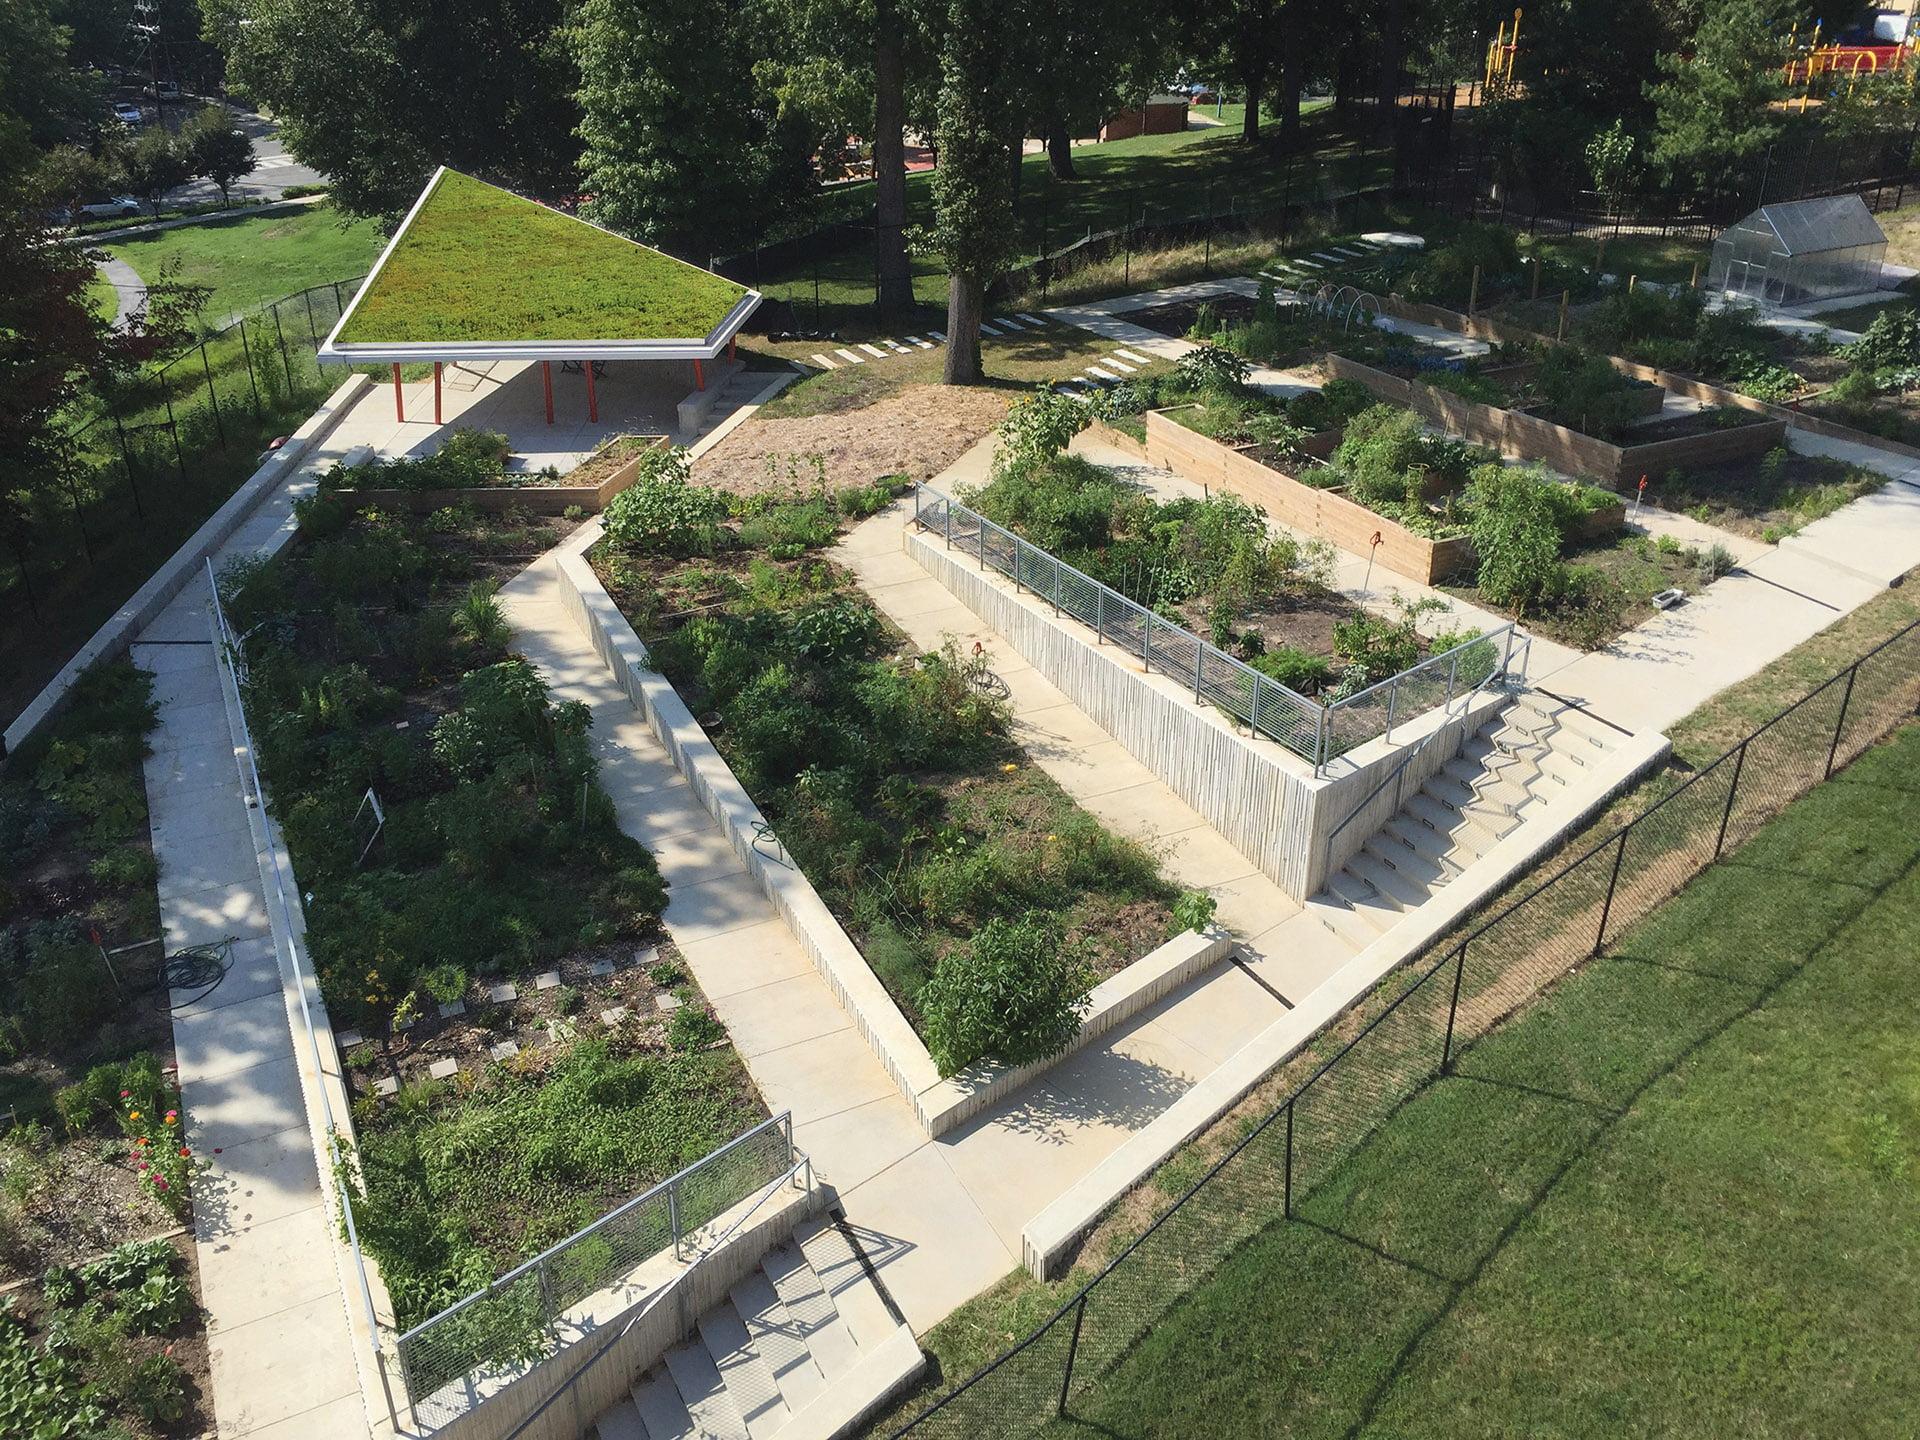 倾斜的露台由挡土墙与ada兼容的混凝土路径支持。